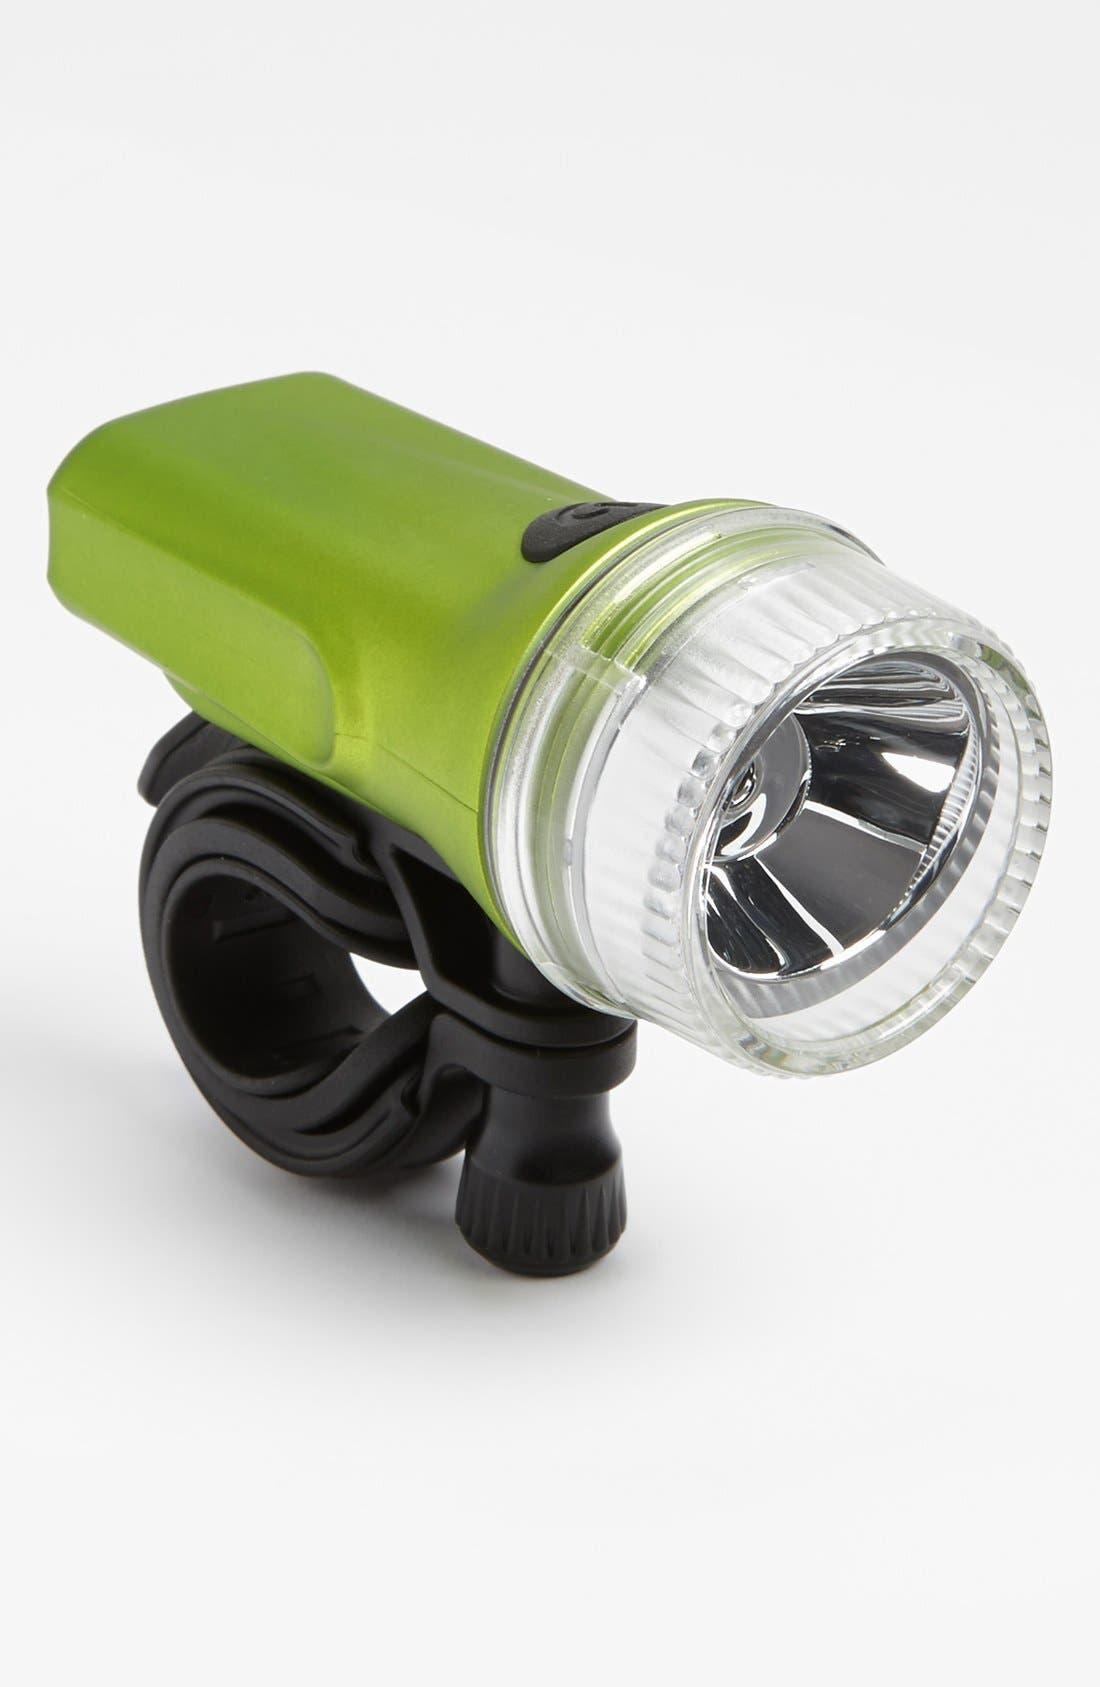 Alternate Image 1 Selected - Streamline LED Bike Light